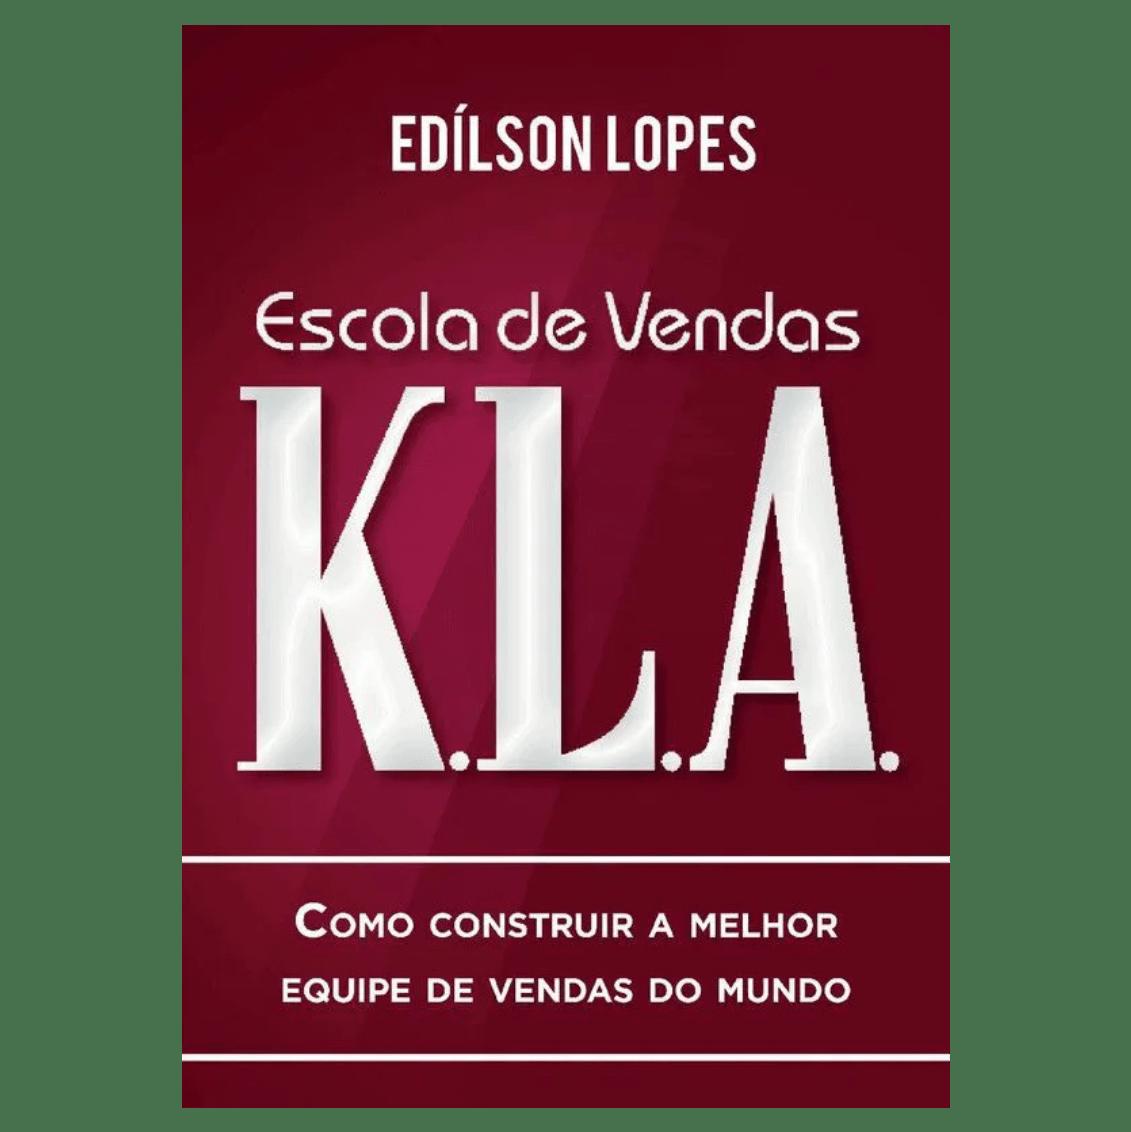 Escola de vendas K.L.A: Como construir a melhor equipe de vendas do mundo